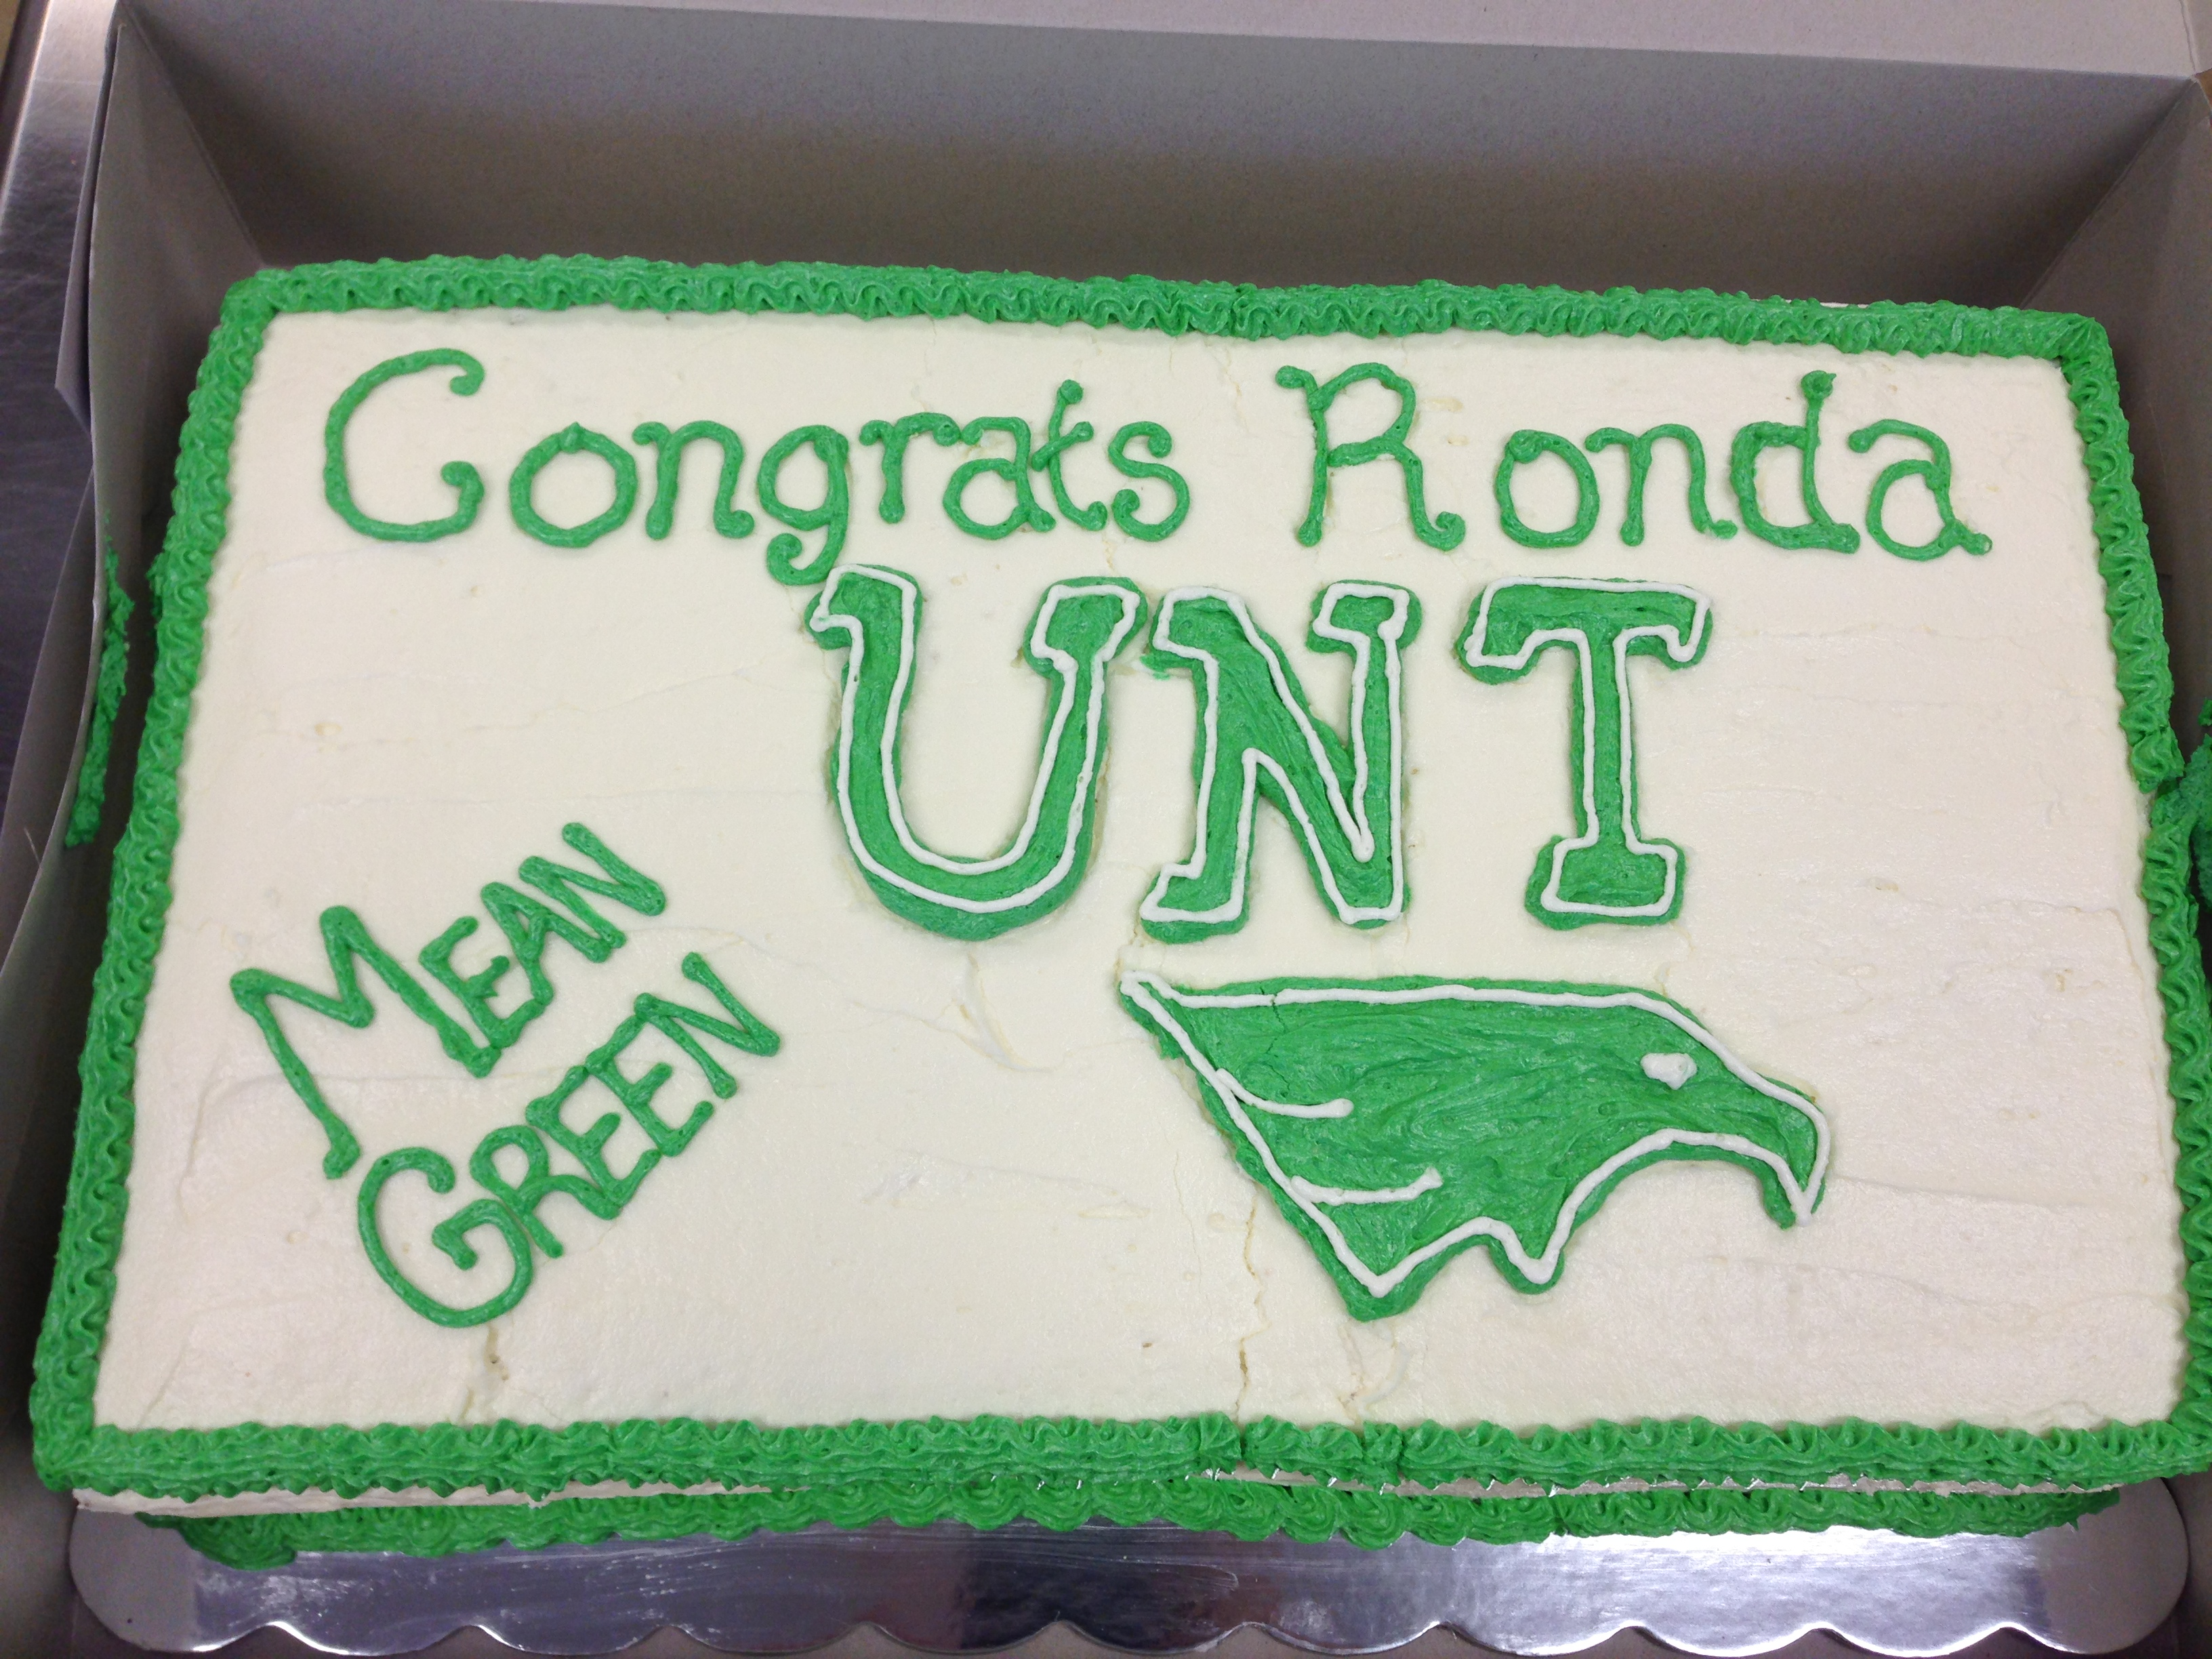 UNT Cake